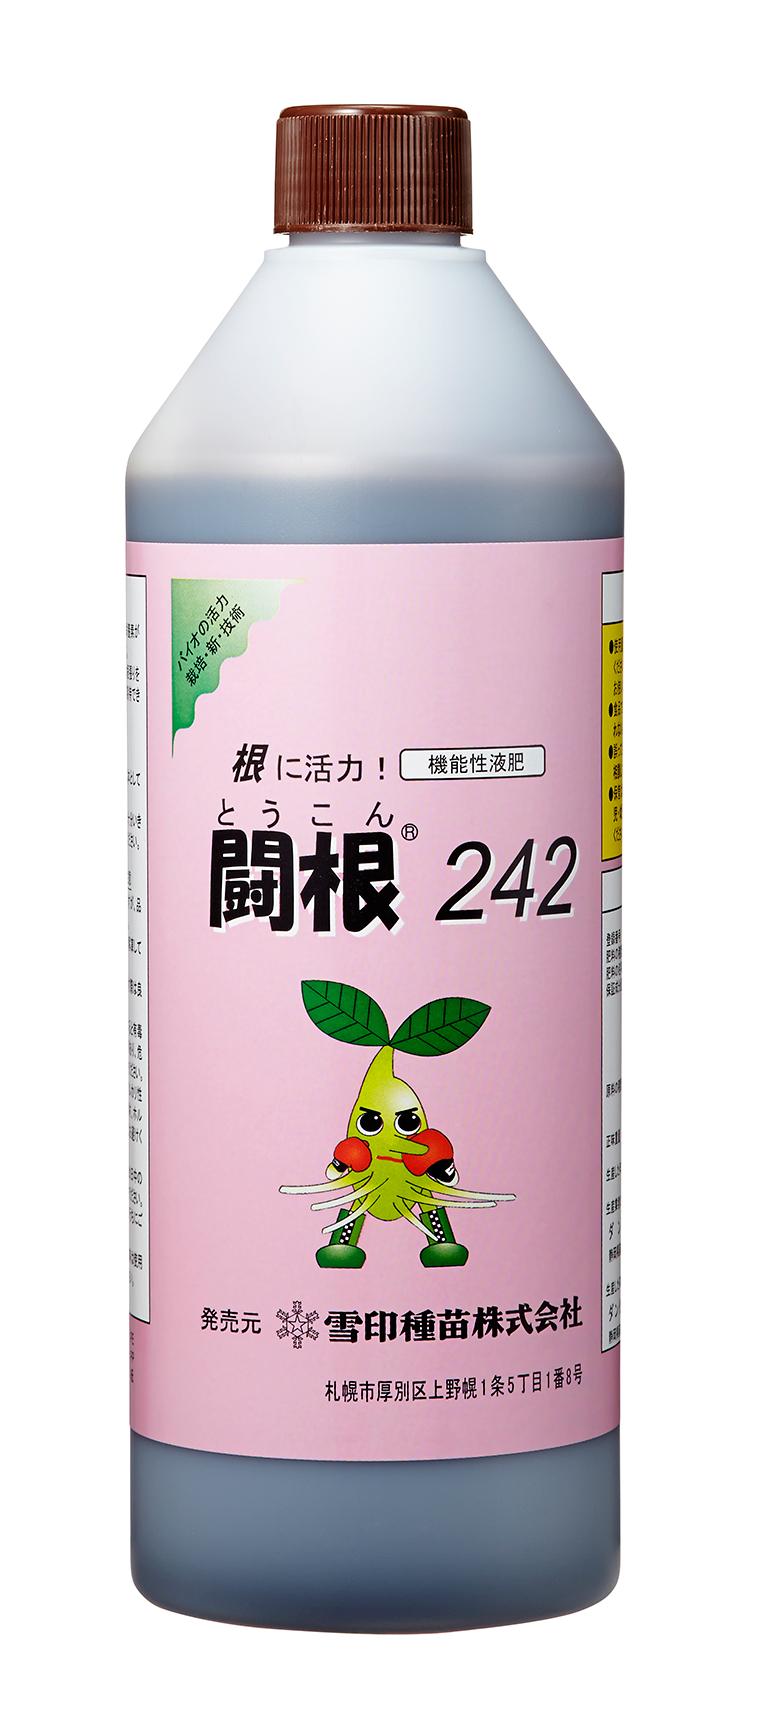 闘根® 242